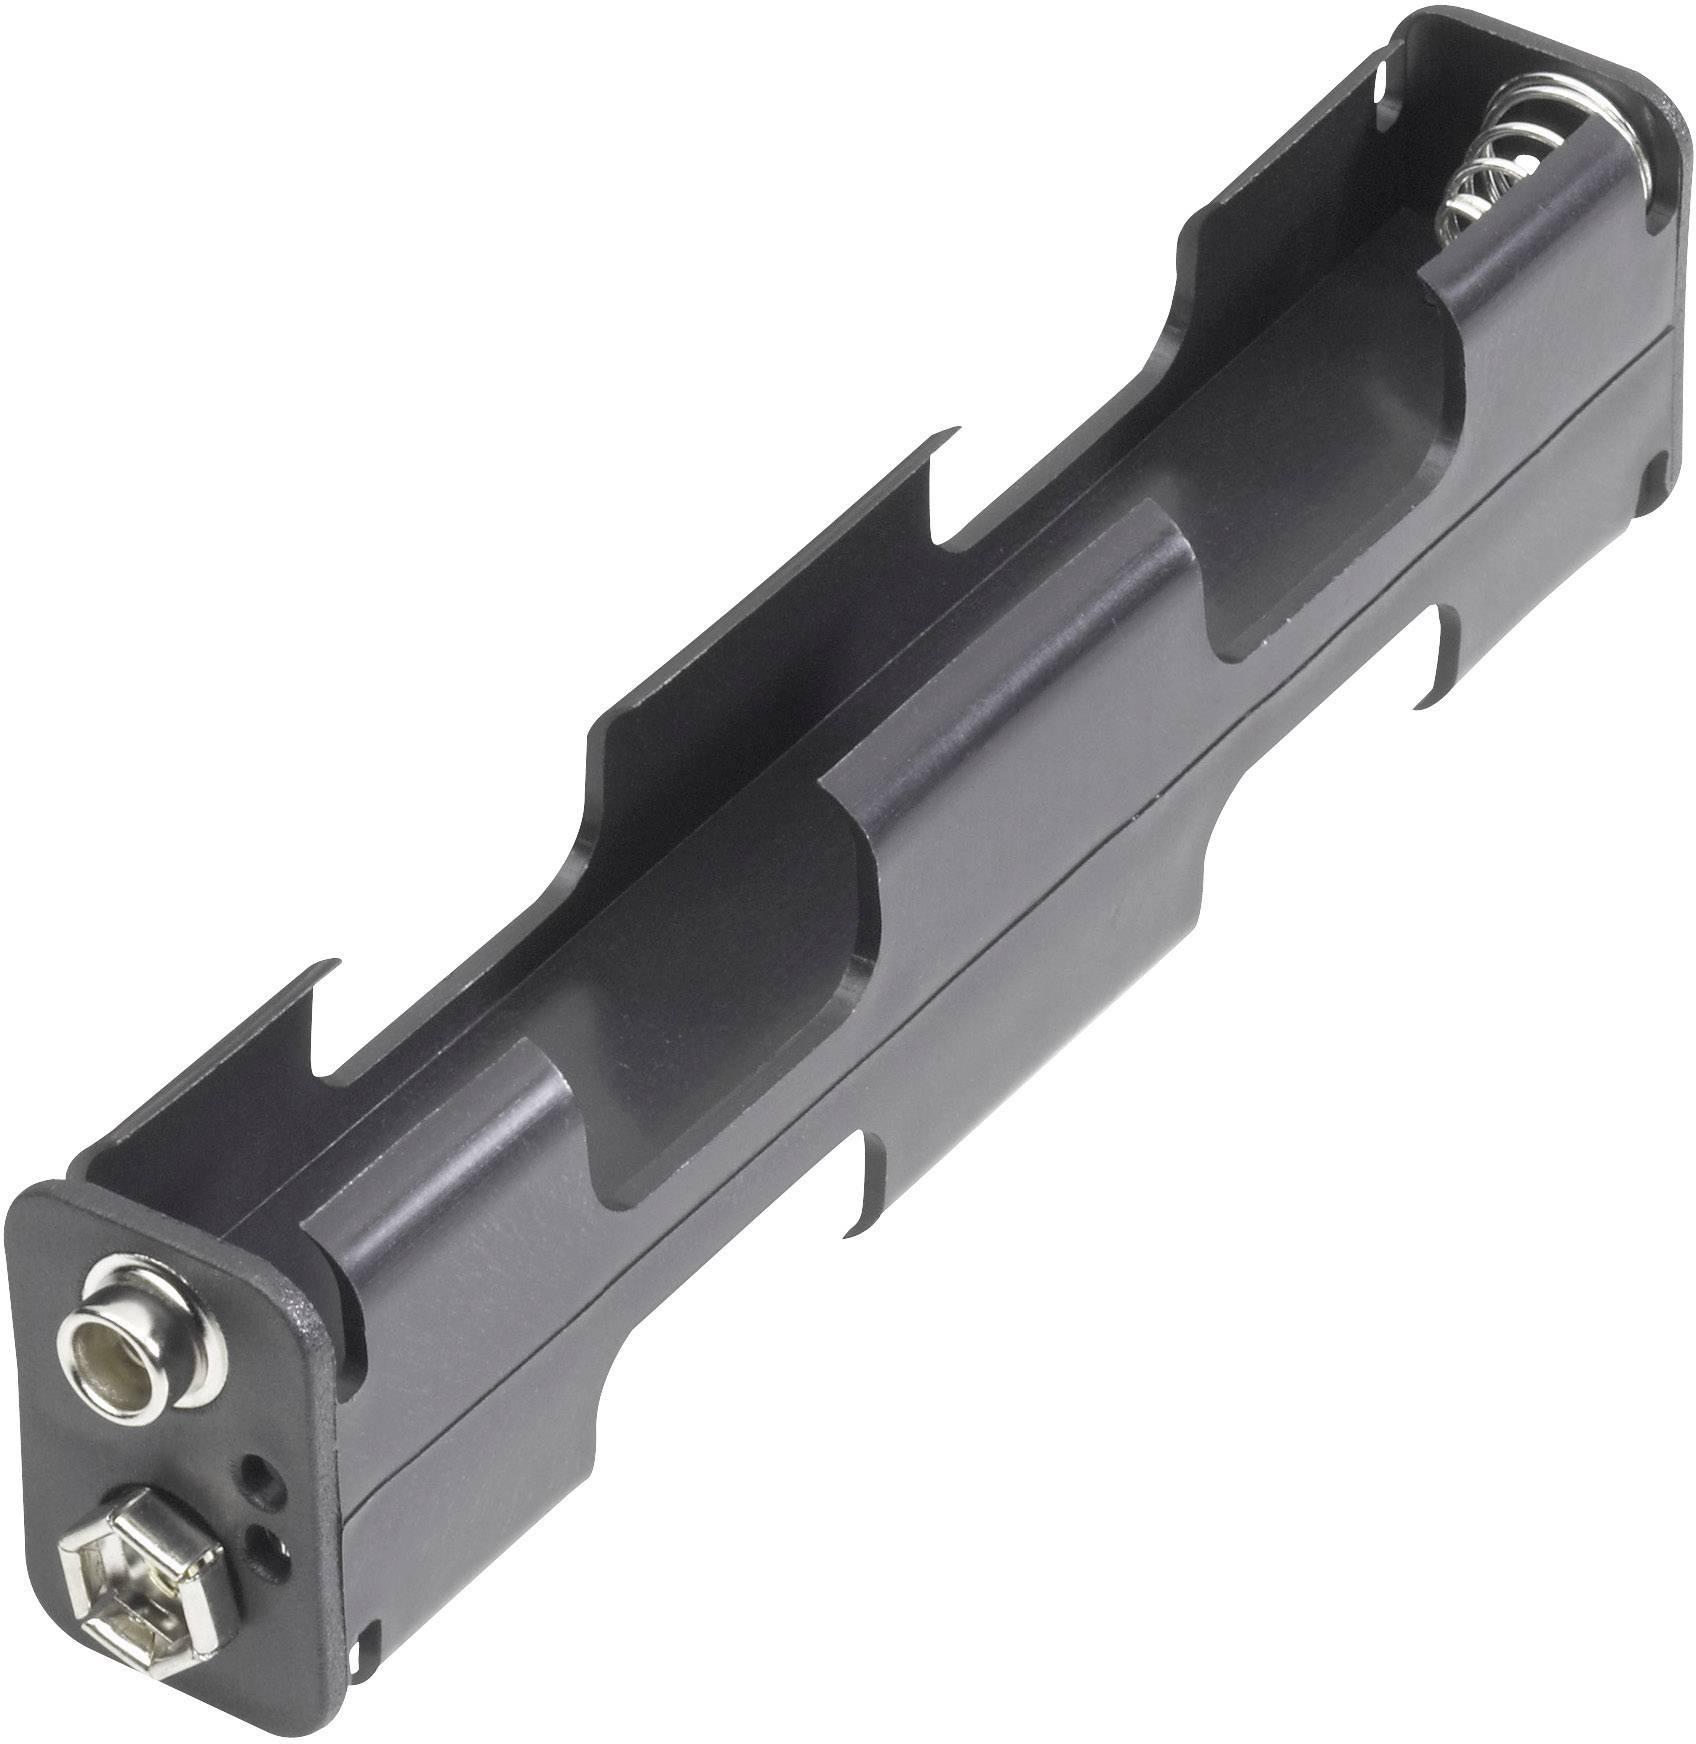 Držák na baterie 4x AA s klip konektorem, 110 x 26 x 16 mm